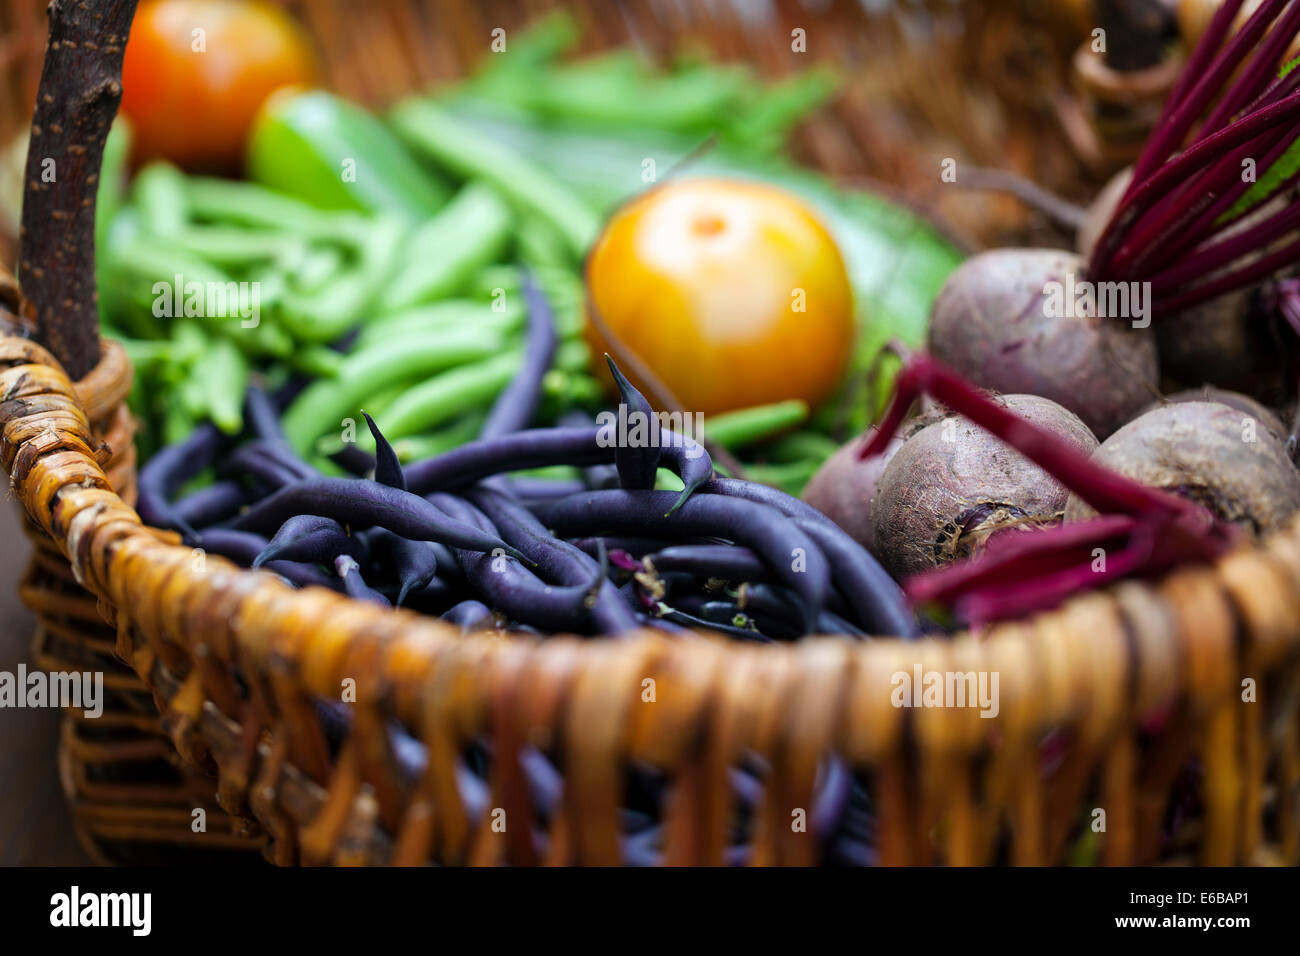 Le verdure nel cesto di vimini Immagini Stock